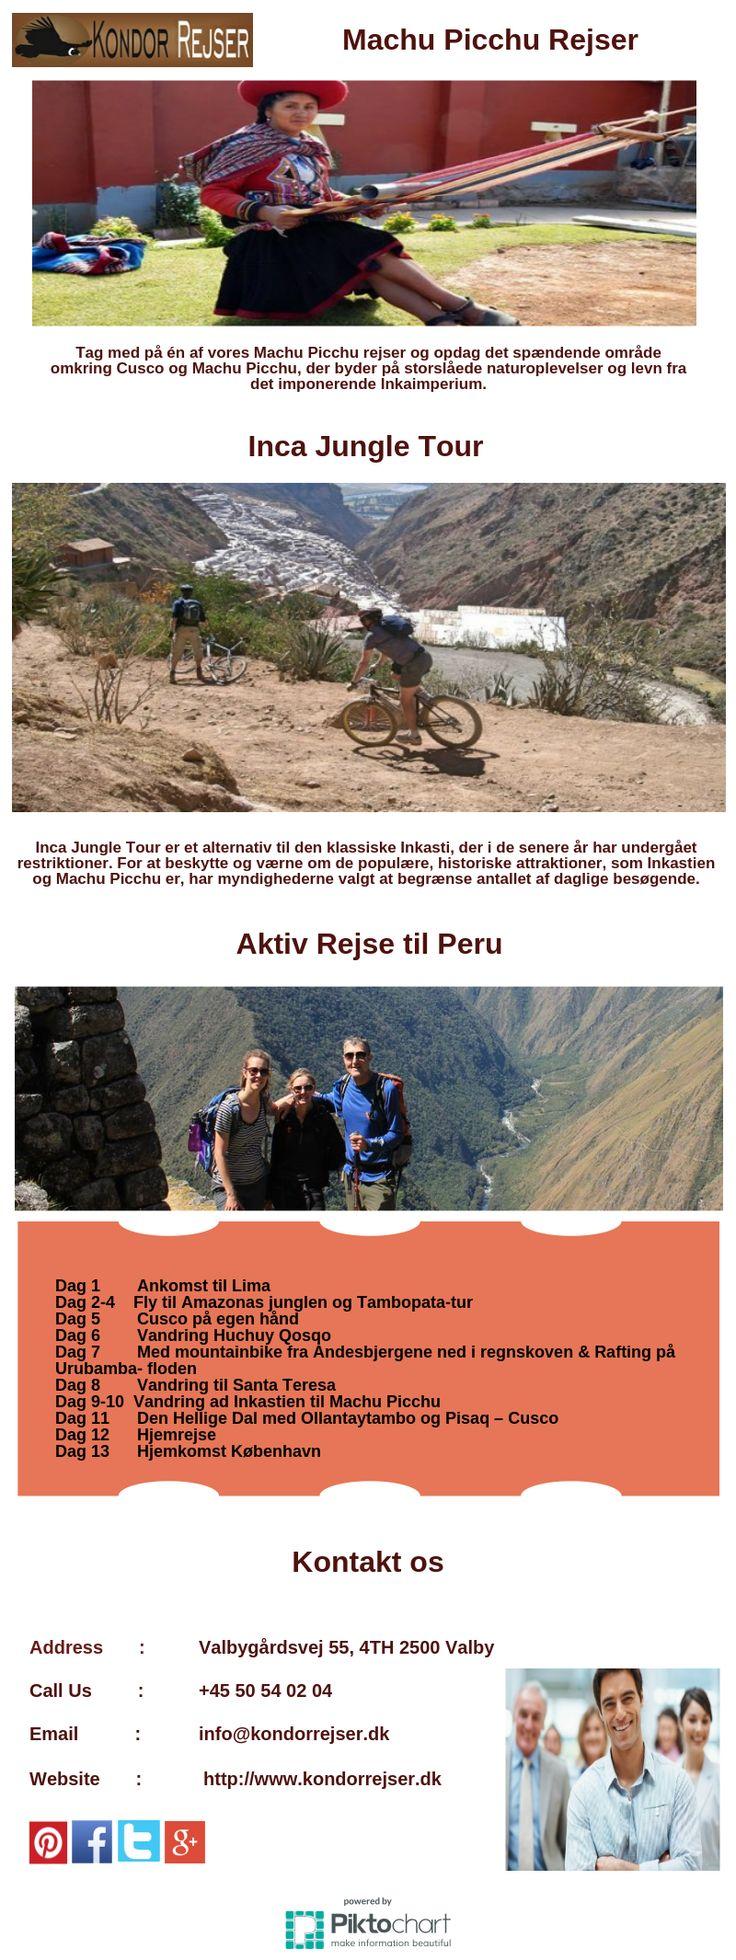 Machu Picchu Rejser Tag med på én af vores Machu Picchu rejser og opdag det spændende område omkringCusco og Machu Picchu, der byder på storslåede naturoplevelser og levn fra detimponerende Inkaimperium.